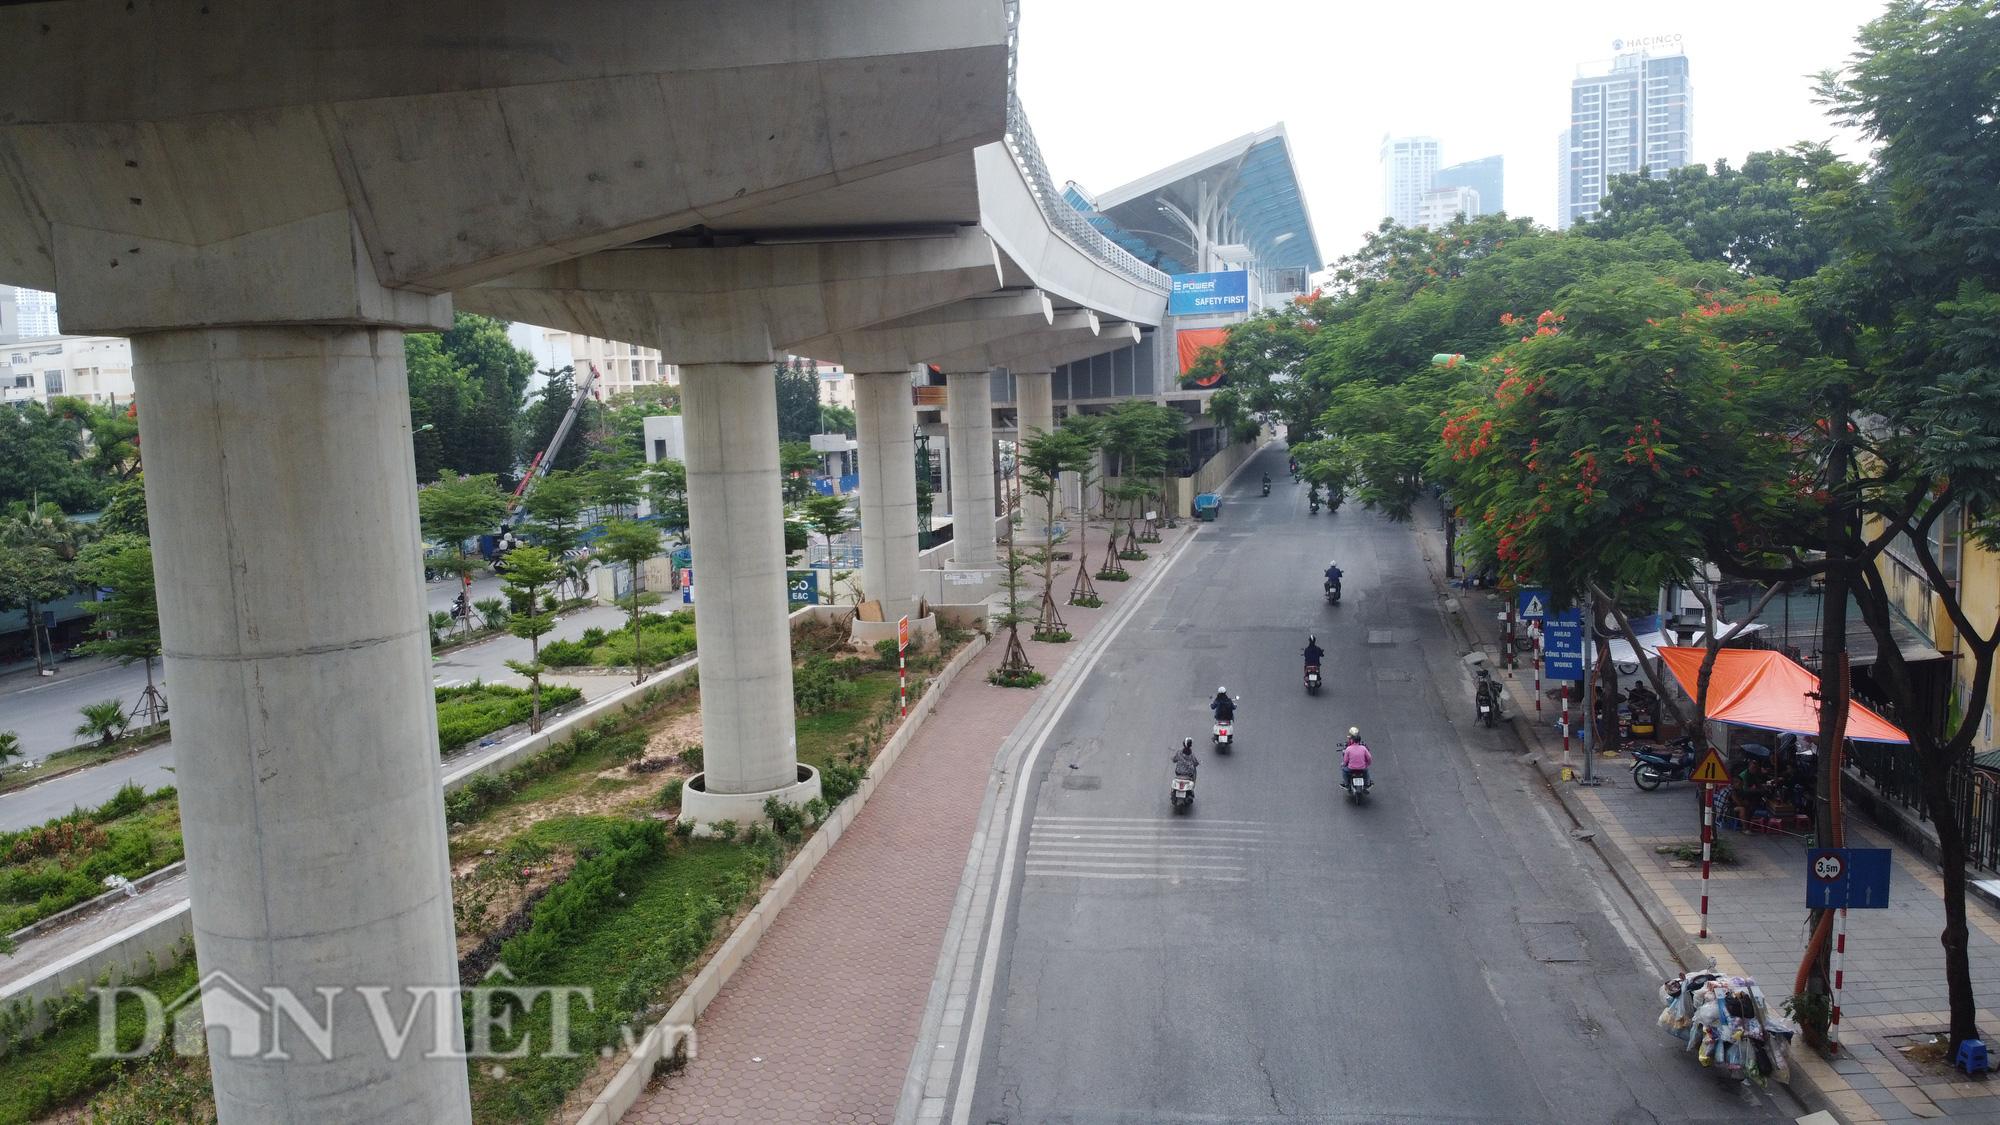 Toàn cảnh tuyến đường sắt trên cao bị đòi bồi thuờng hàng trăm tỷ đồng - Ảnh 9.